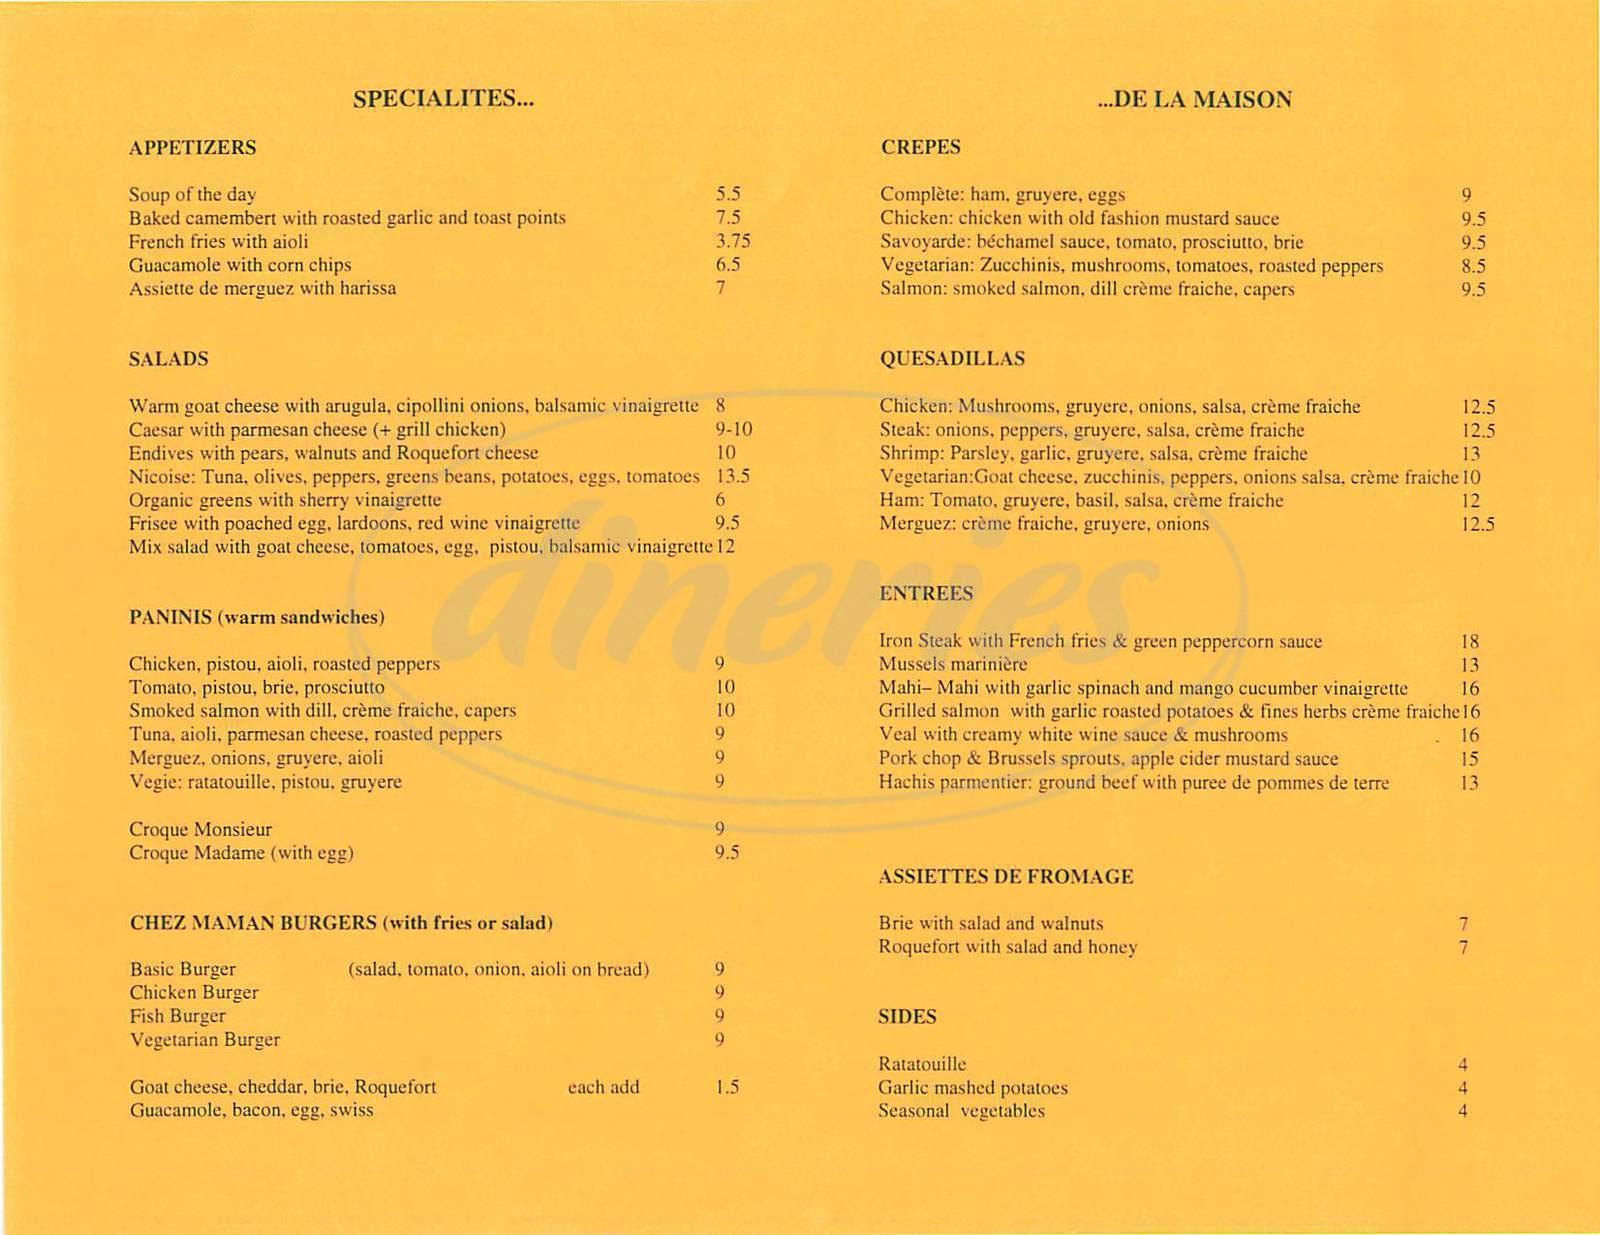 menu for Chez Maman